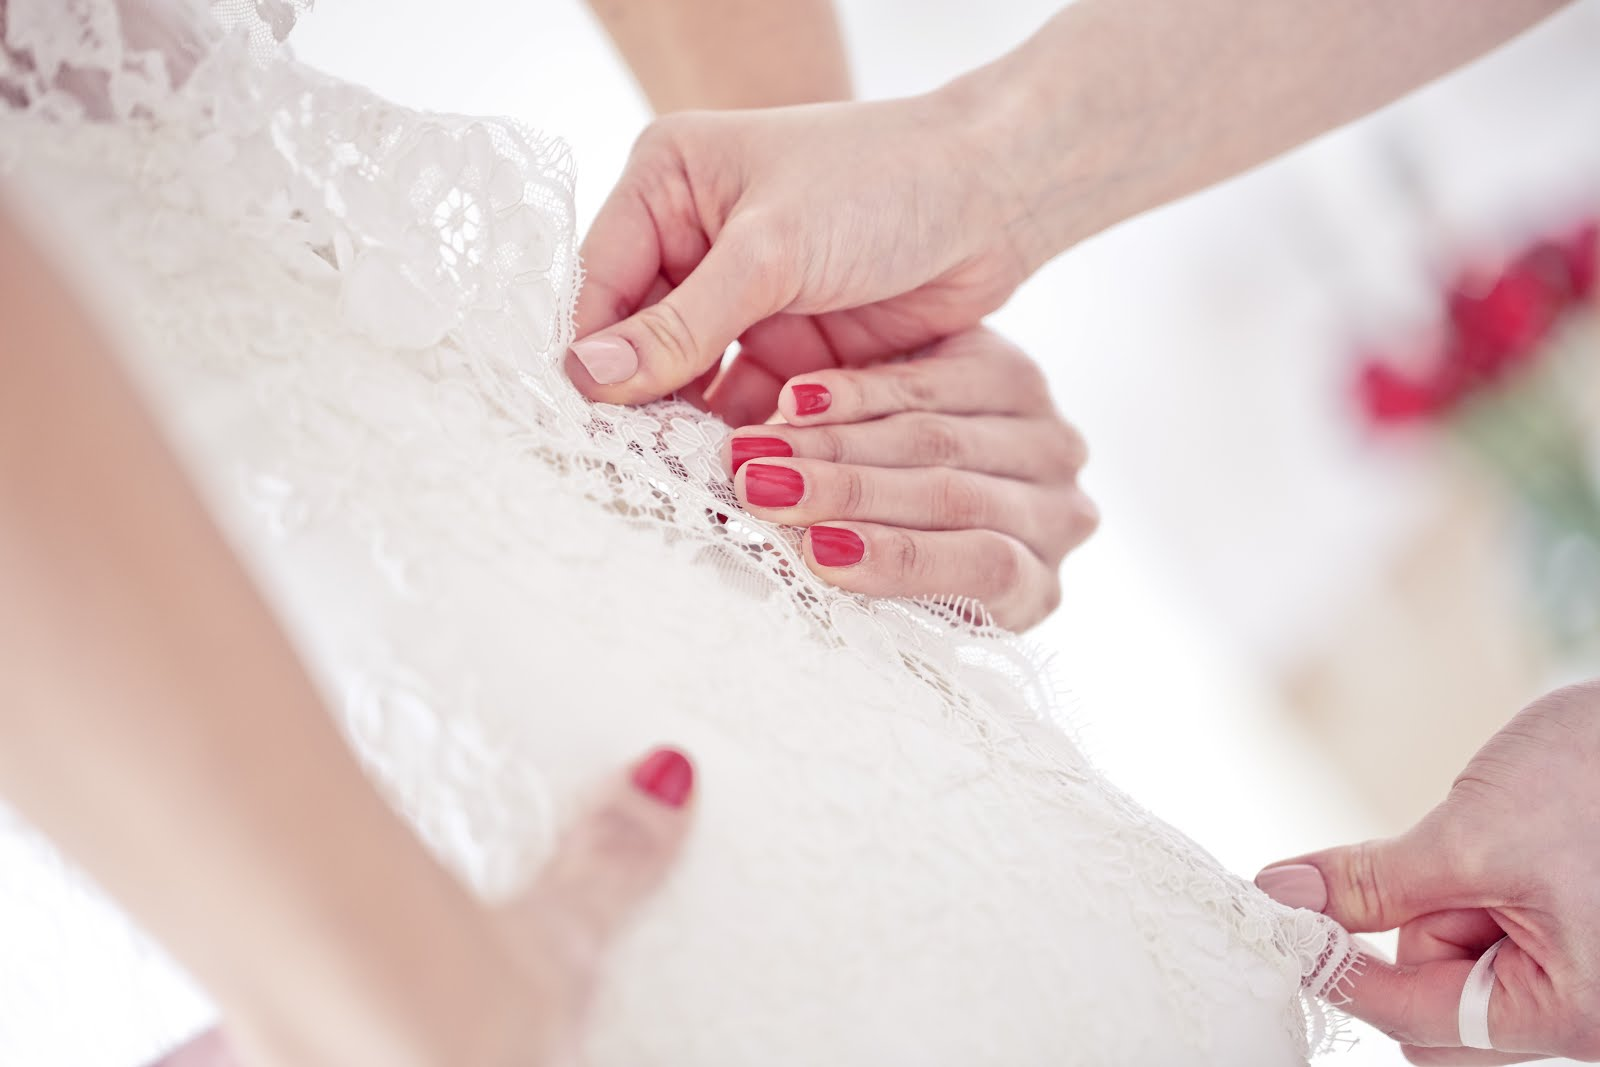 romantik dantelli gelinlikler